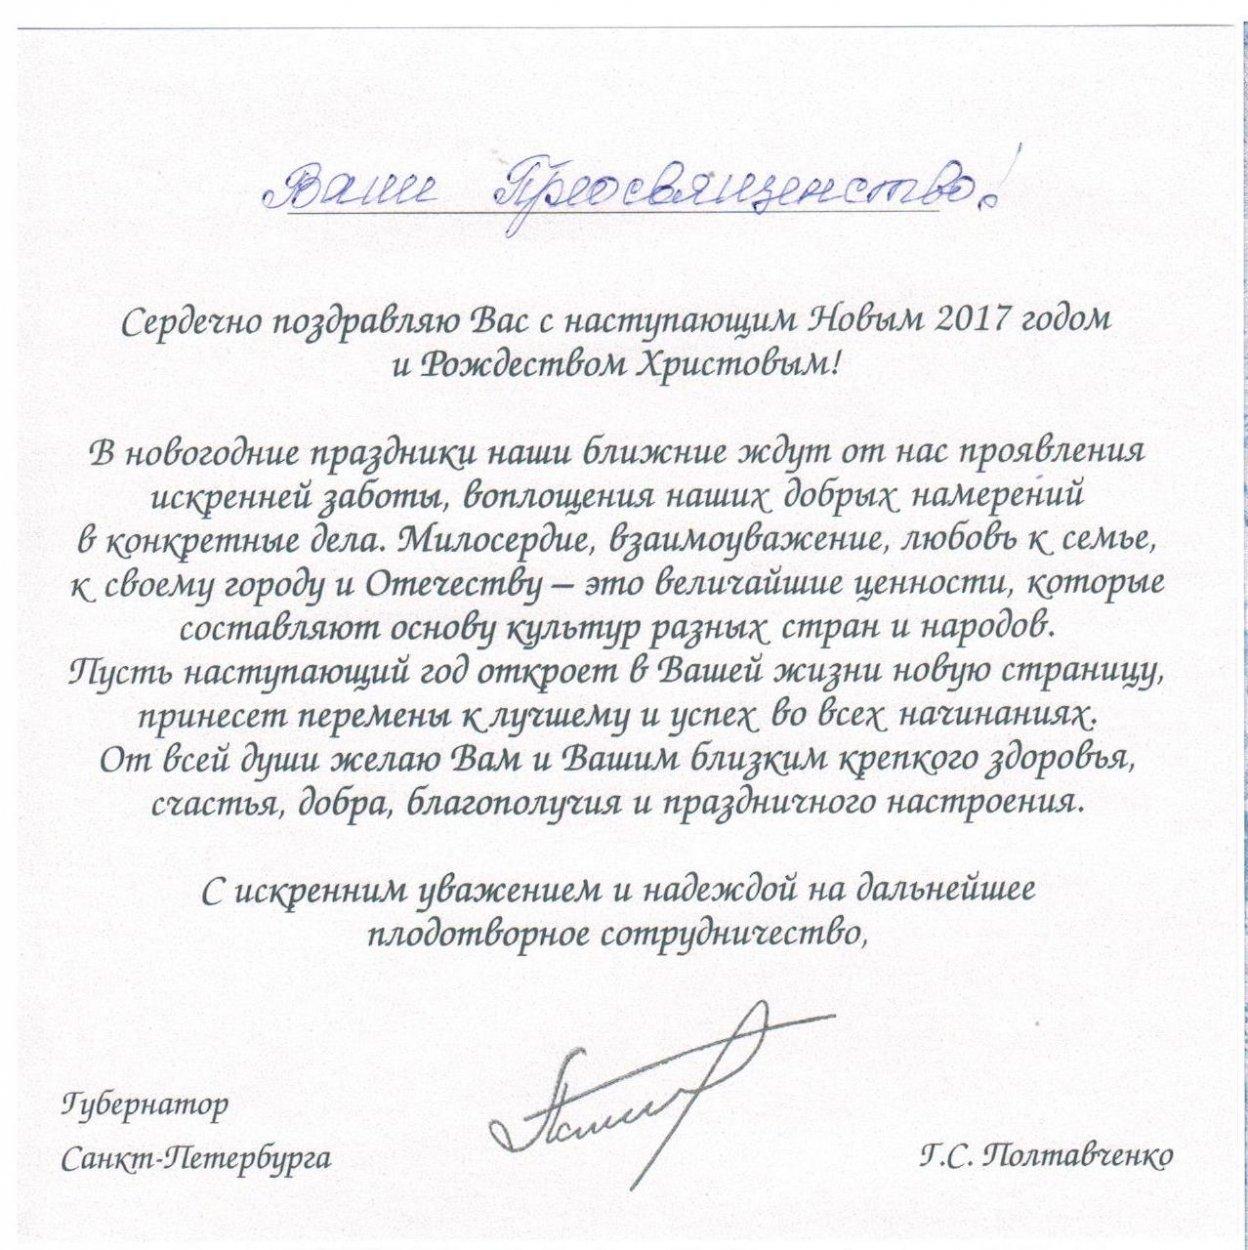 Поздравление губернатора с юбилеем 65 лет